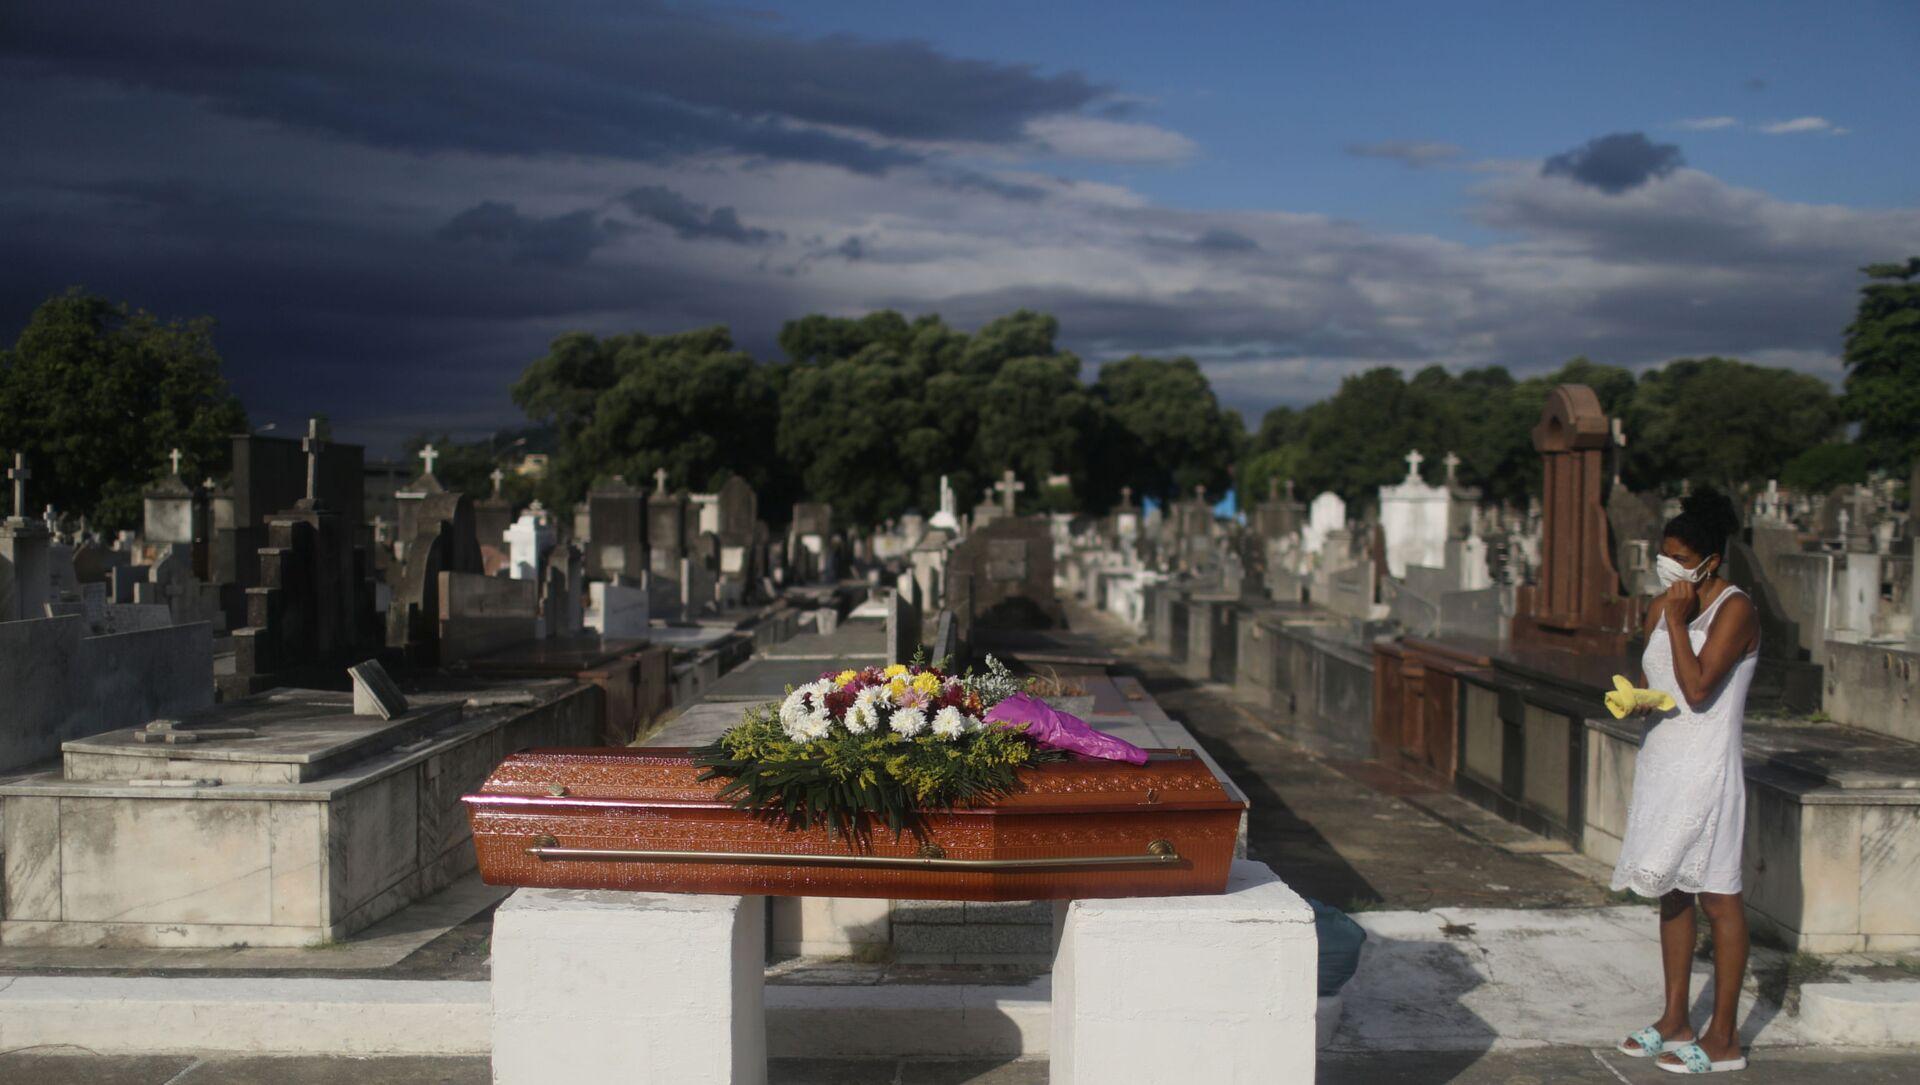 Cimitero in Brasile, funerale di una vittima del Covid-19 - Sputnik Italia, 1920, 17.04.2021